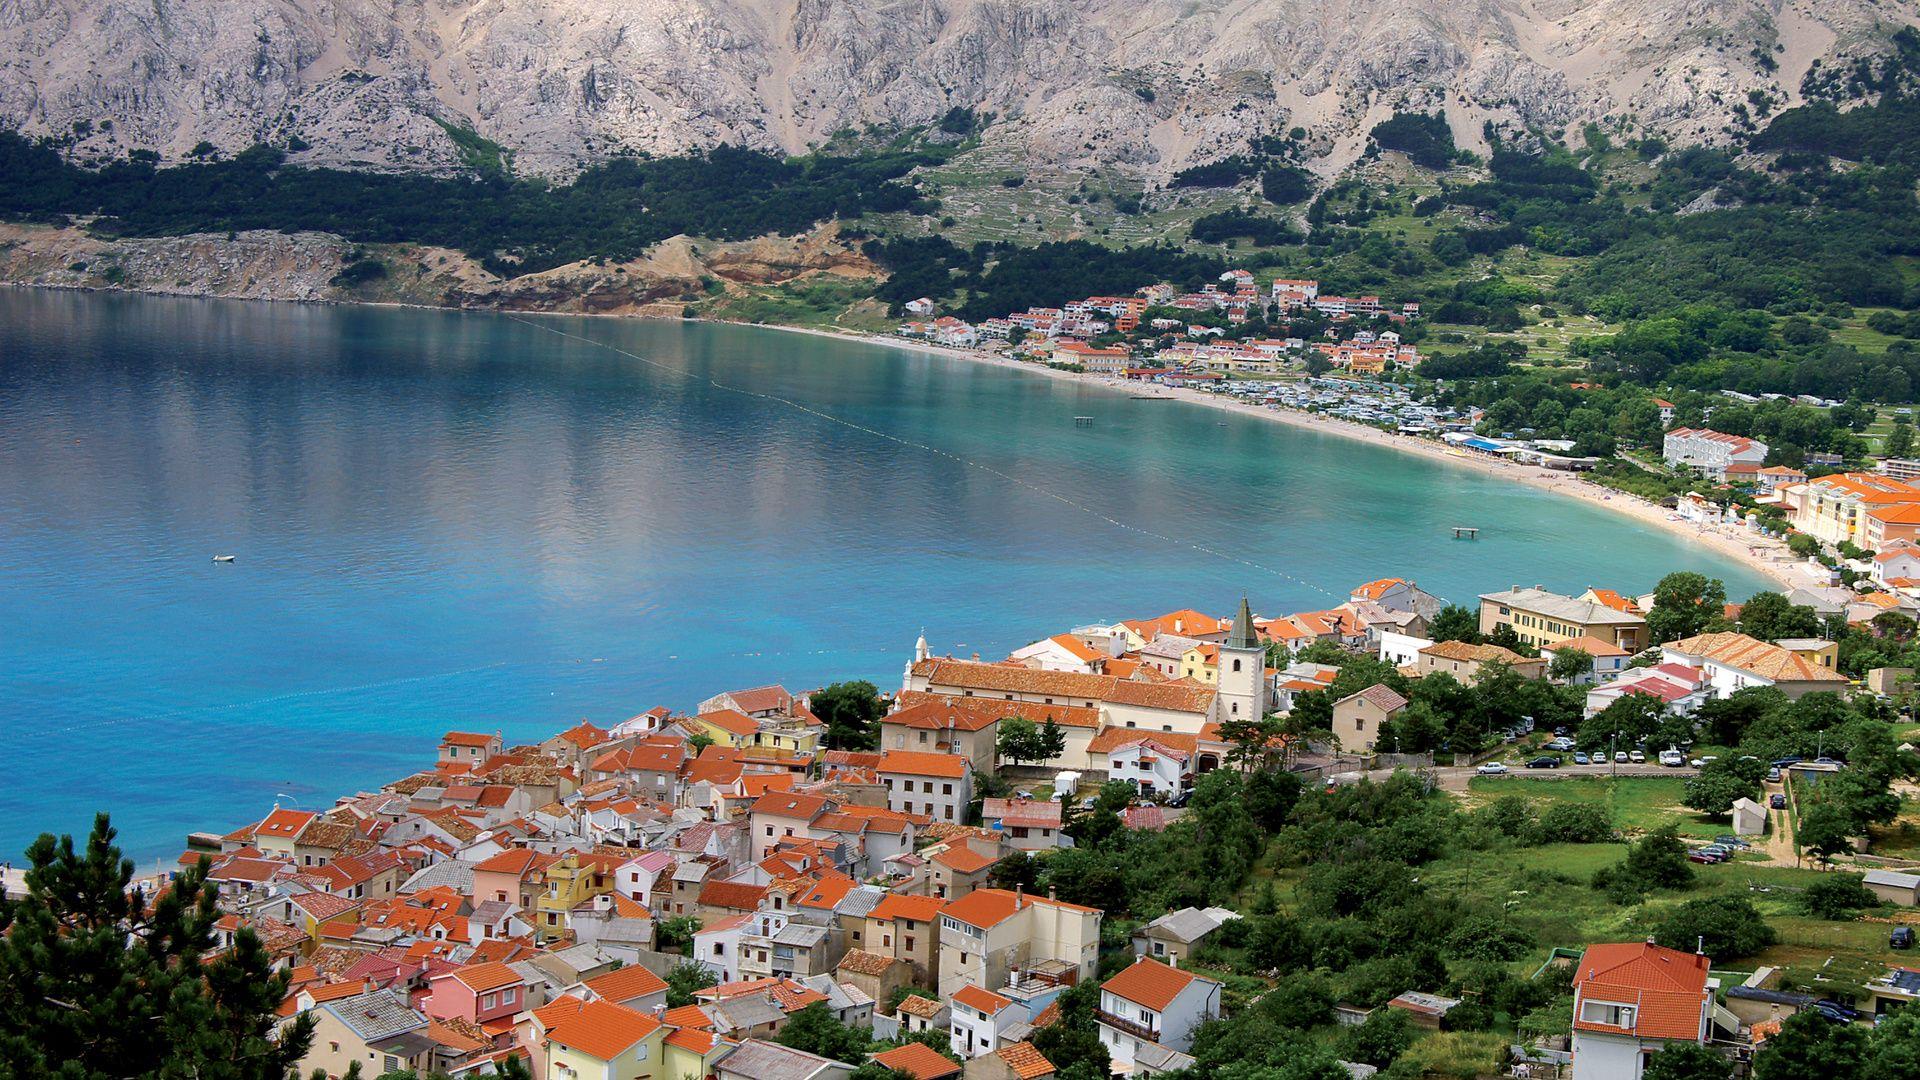 Croatia full hd image